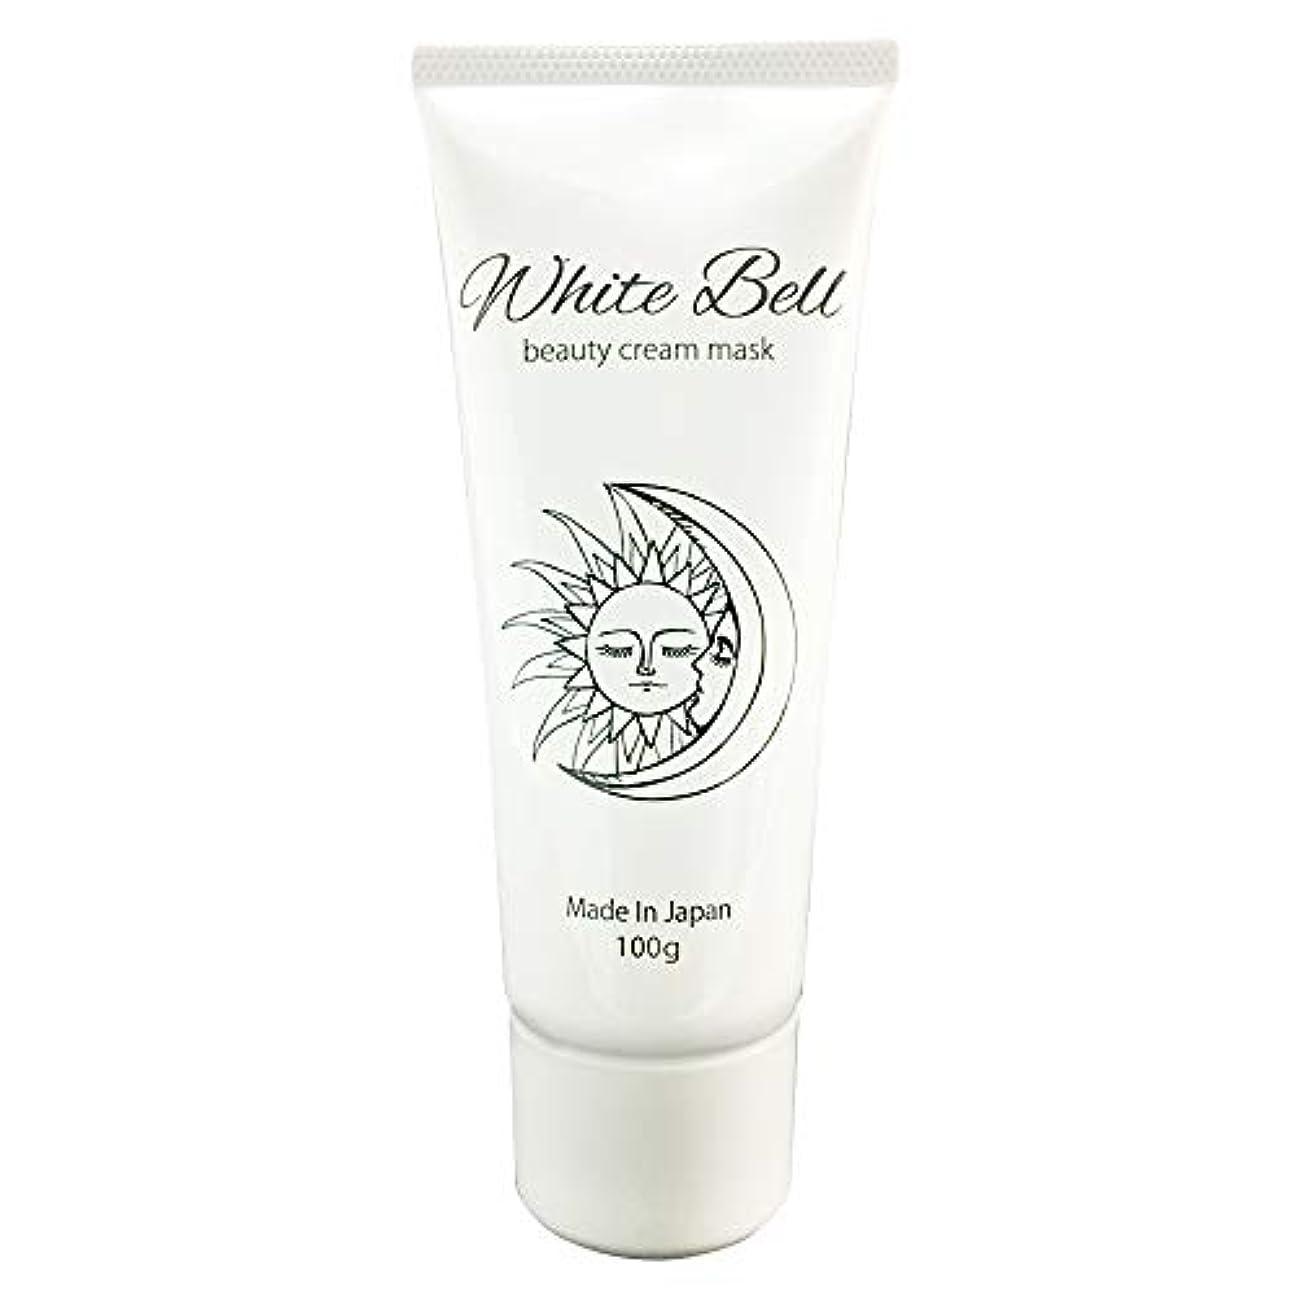 フレット窒息させるなぜならホワイトベル ビューティークリームマスク White-Bell beauty cream mask ナイトクリーム オールインワン